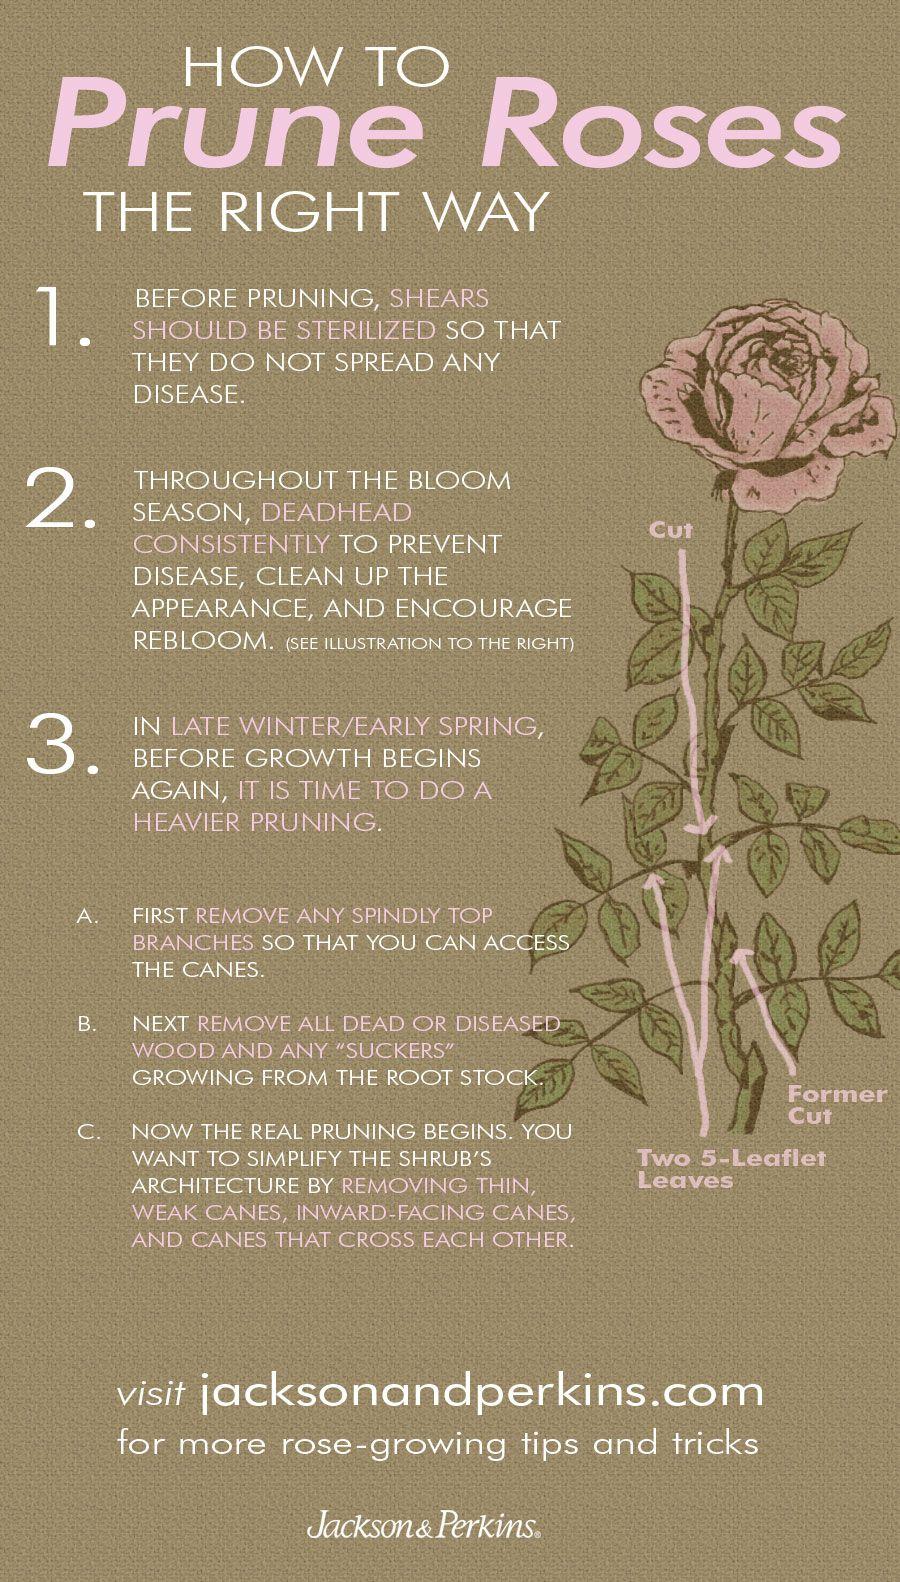 jp-gardening-tips | Pinterest | Rose bush, Rose and Gardens